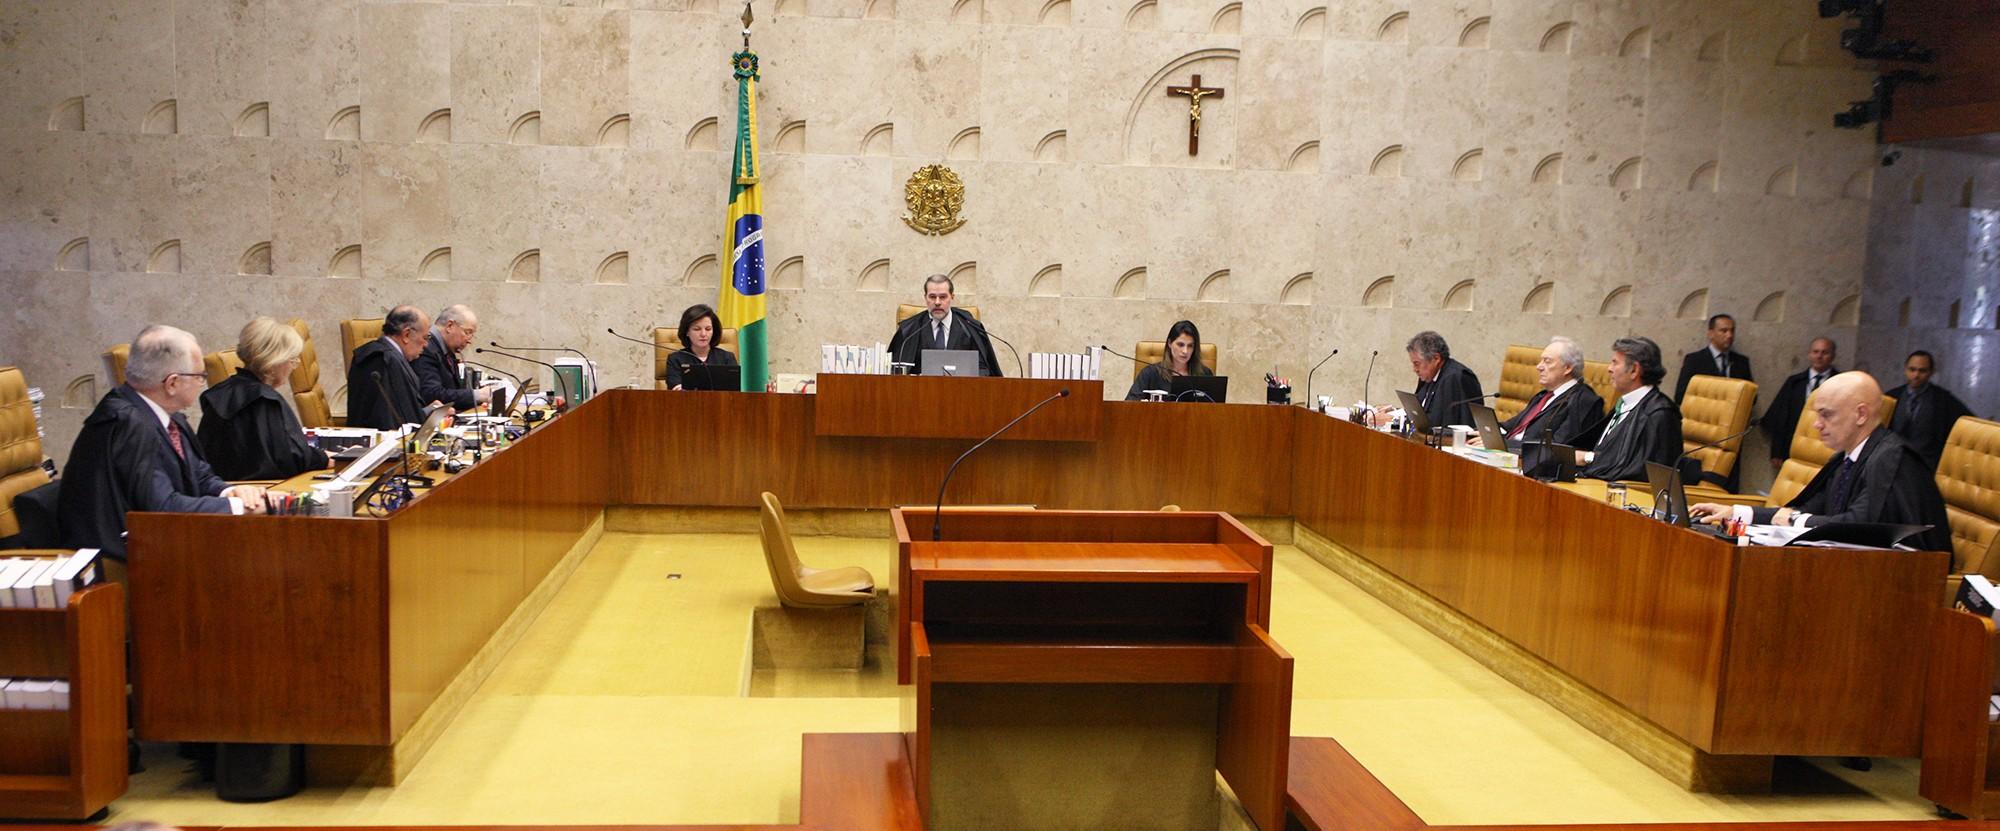 Julgamento do STF sobre prisão em 2ª instância pode beneficiar 38 condenados da Lava Jato no Paraná - Notícias - Plantão Diário